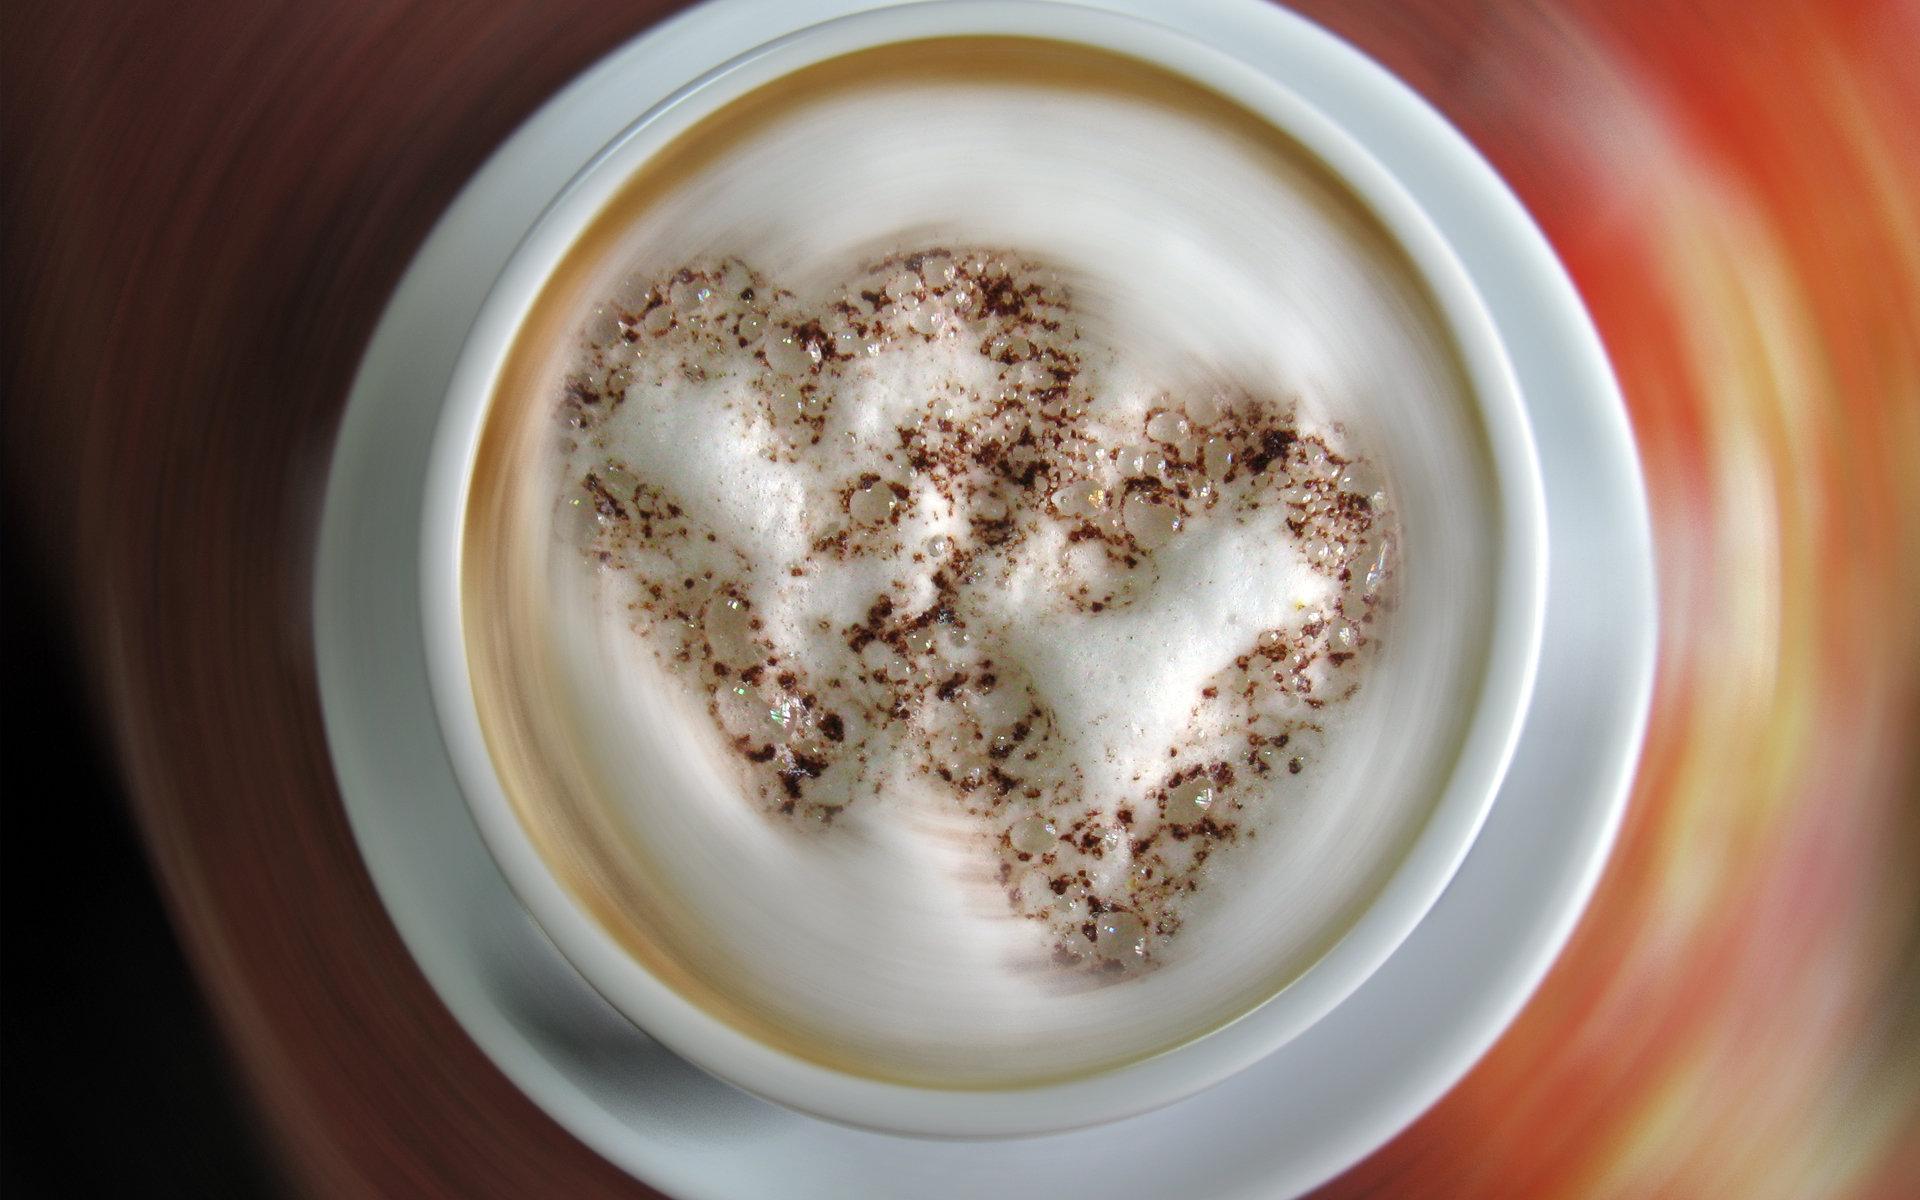 карта чашка кофе и сердце картинки помощью шариковой ручки